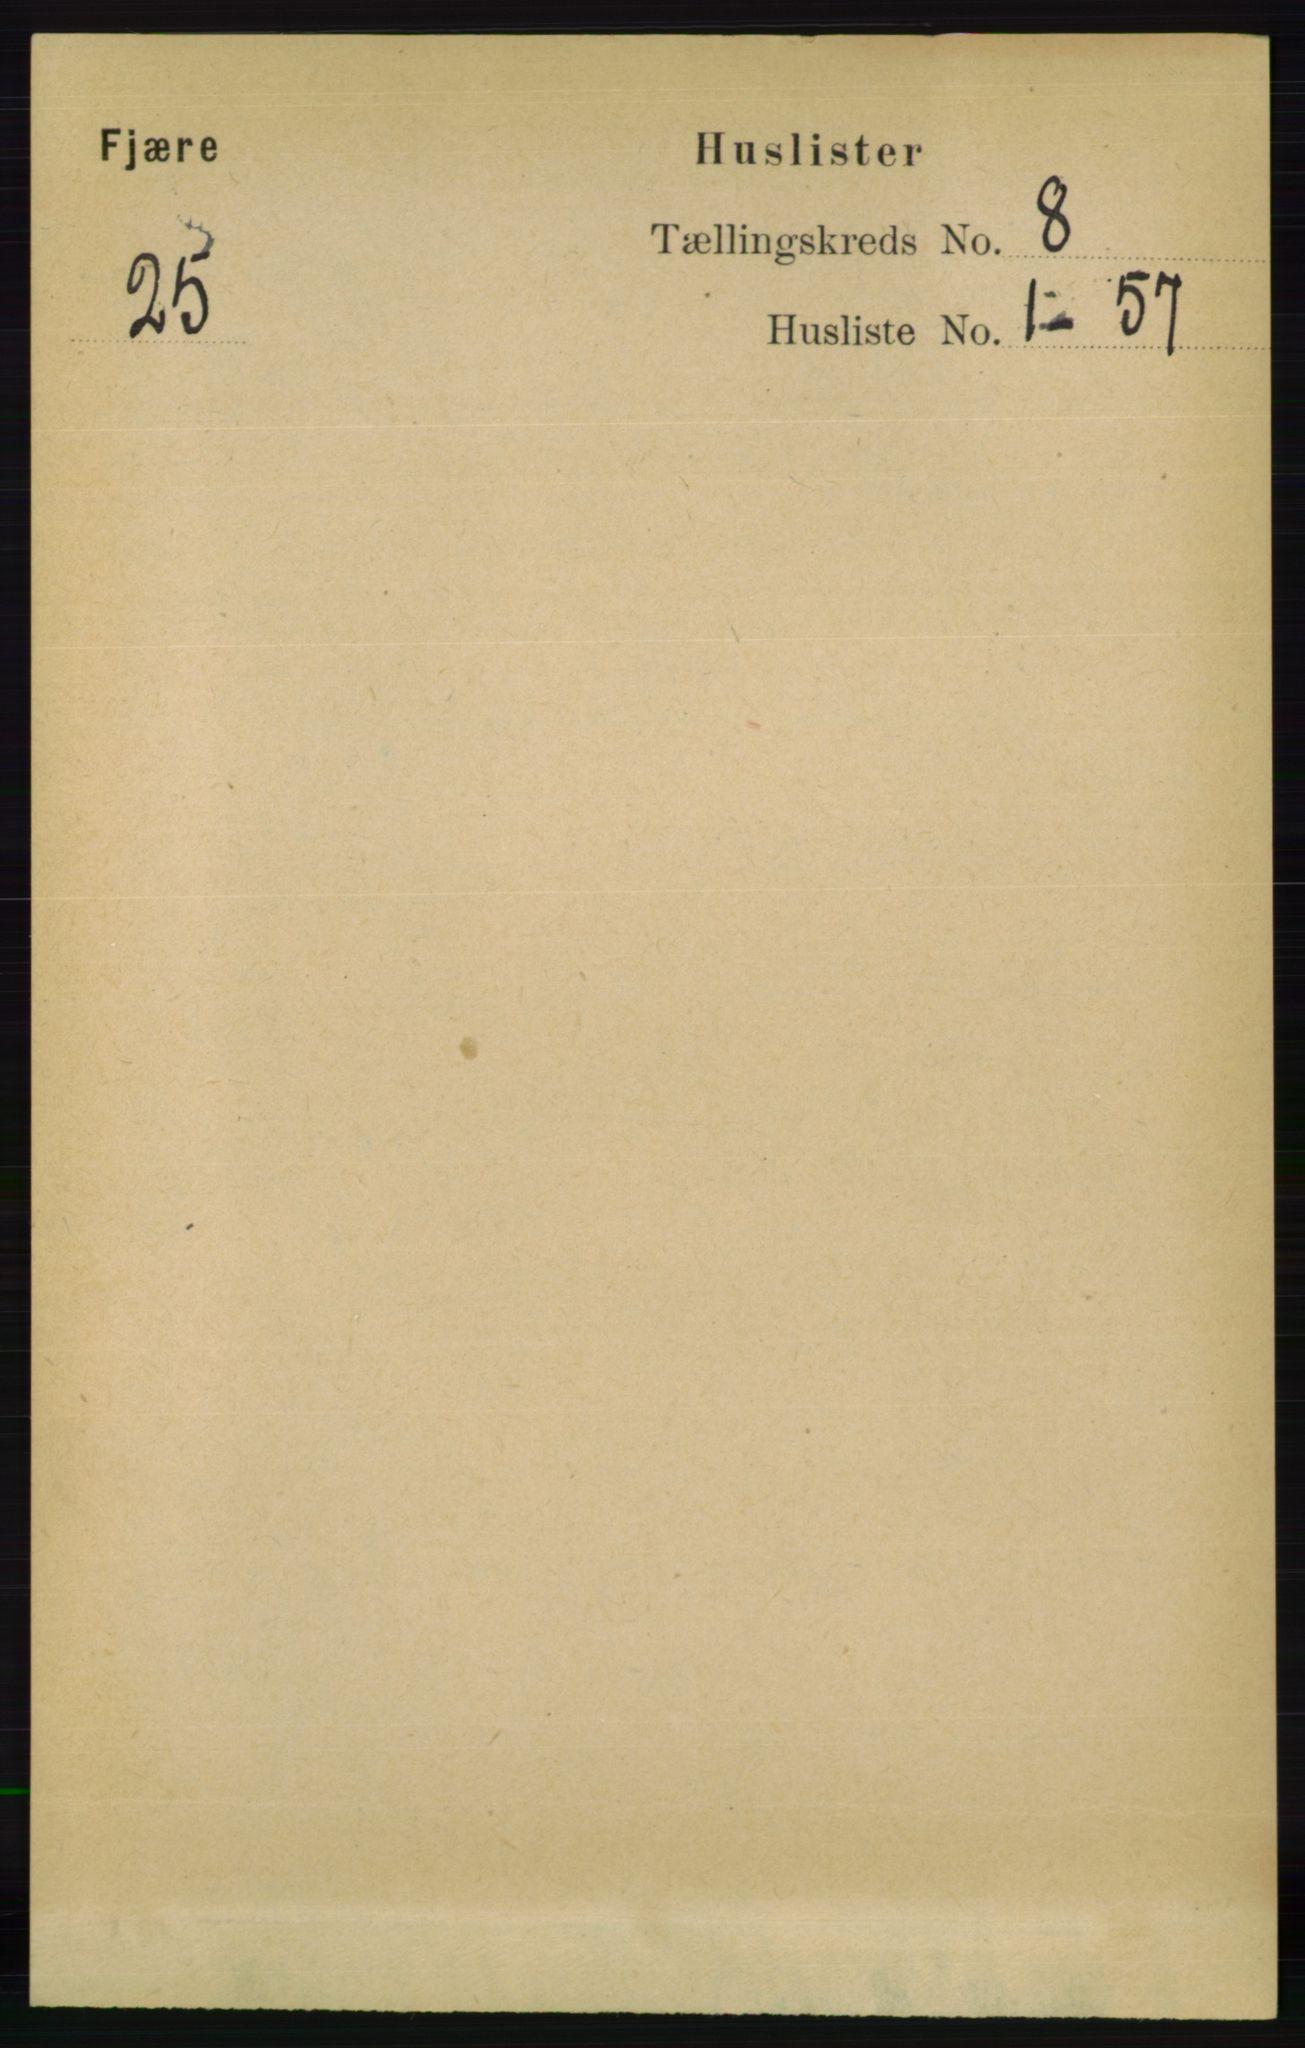 RA, Folketelling 1891 for 0923 Fjære herred, 1891, s. 3677